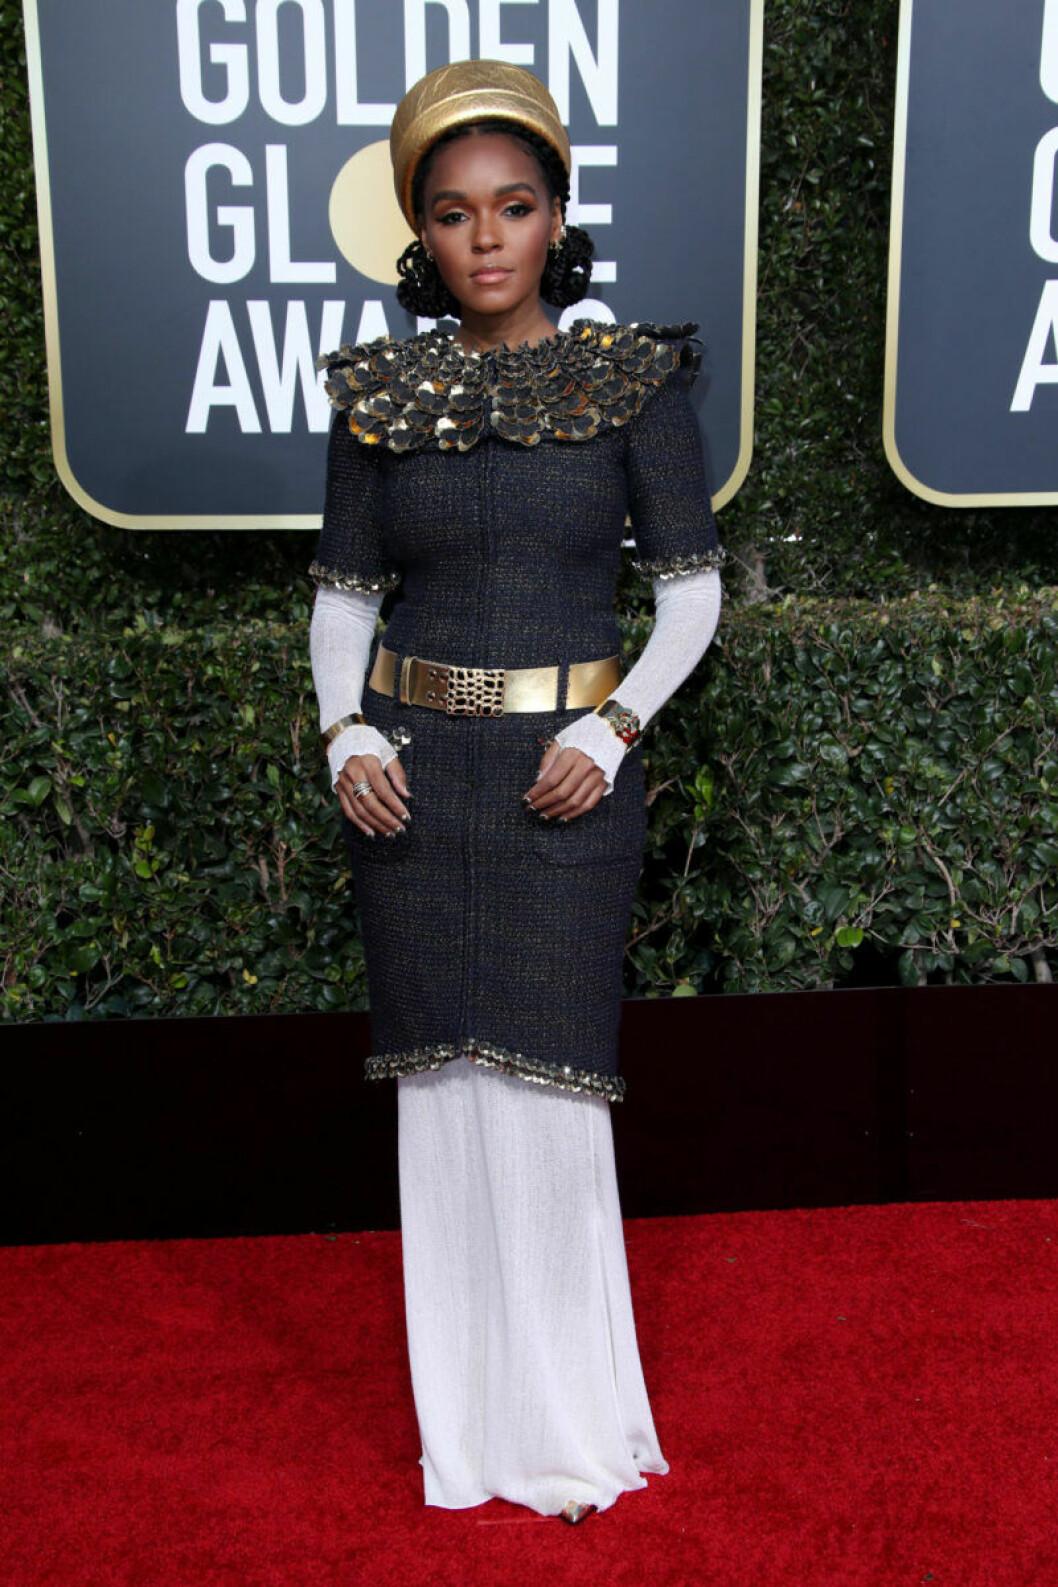 Janelle Monae Golden Globe